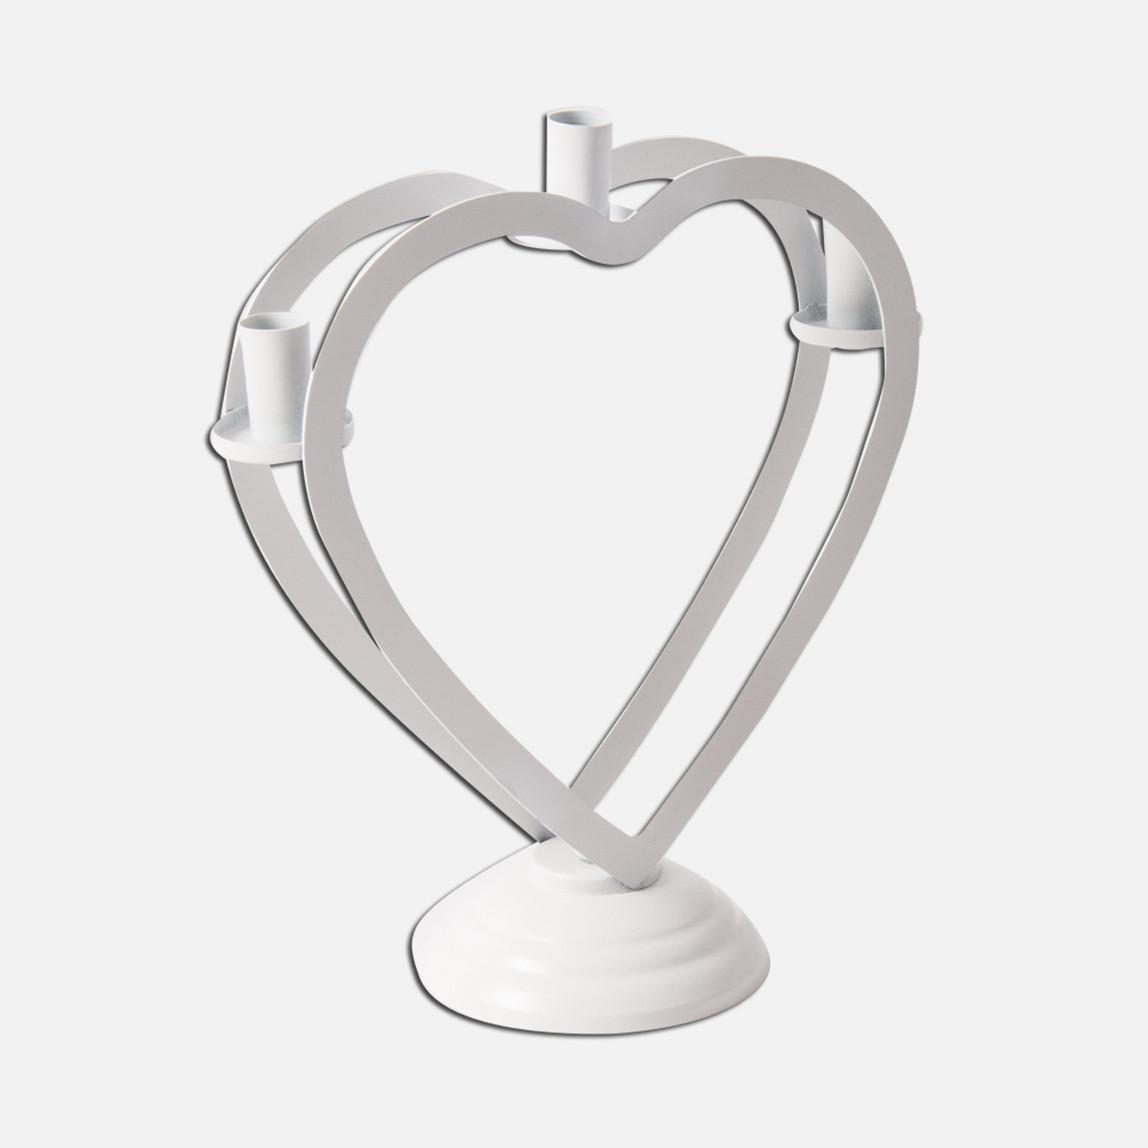 Üçlü Kalp Şamdan